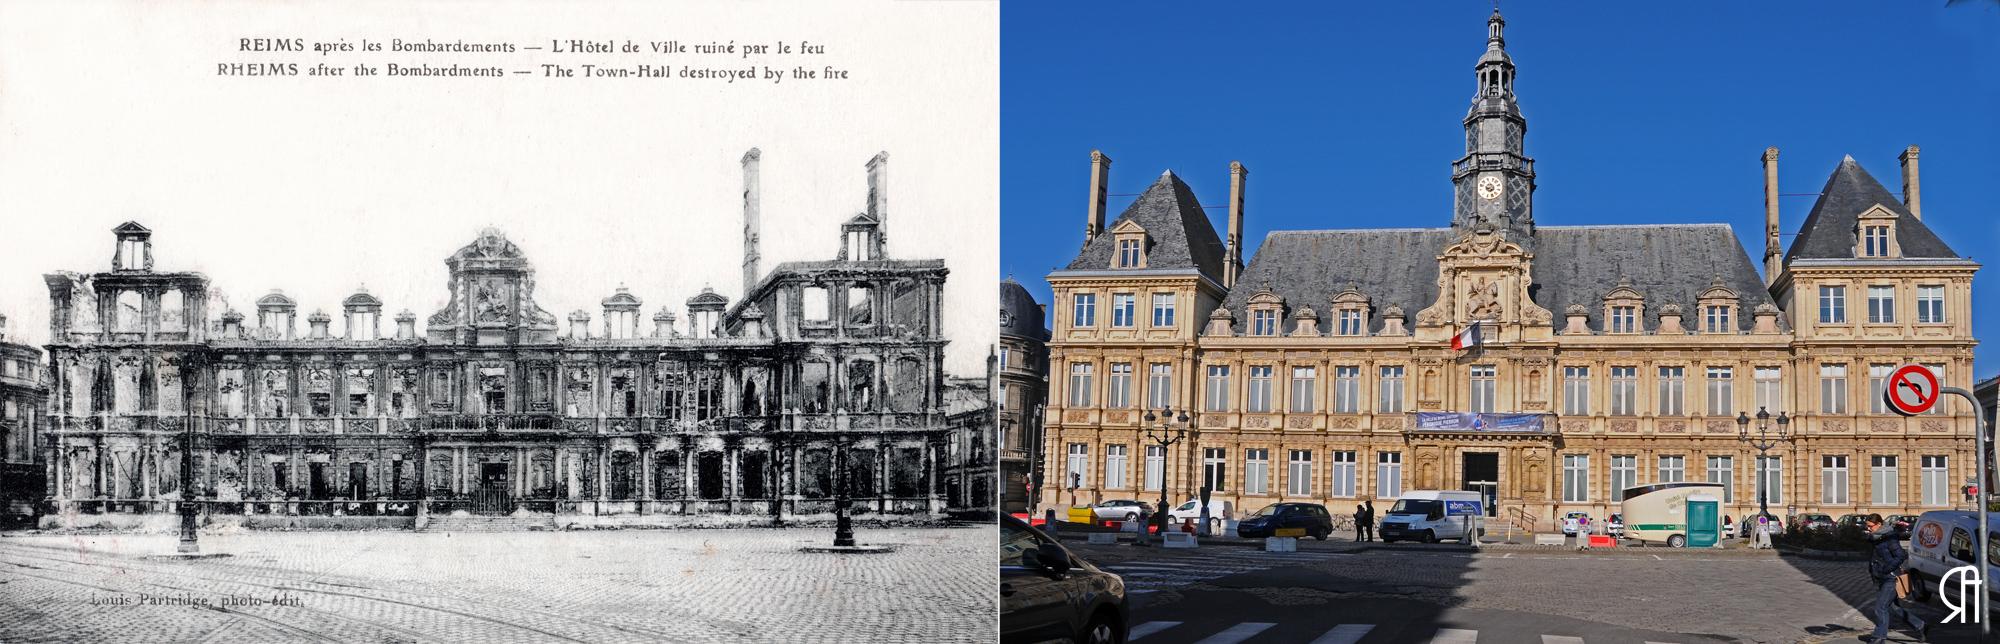 L'Hôtel de Ville après les bombardements 1914-1918